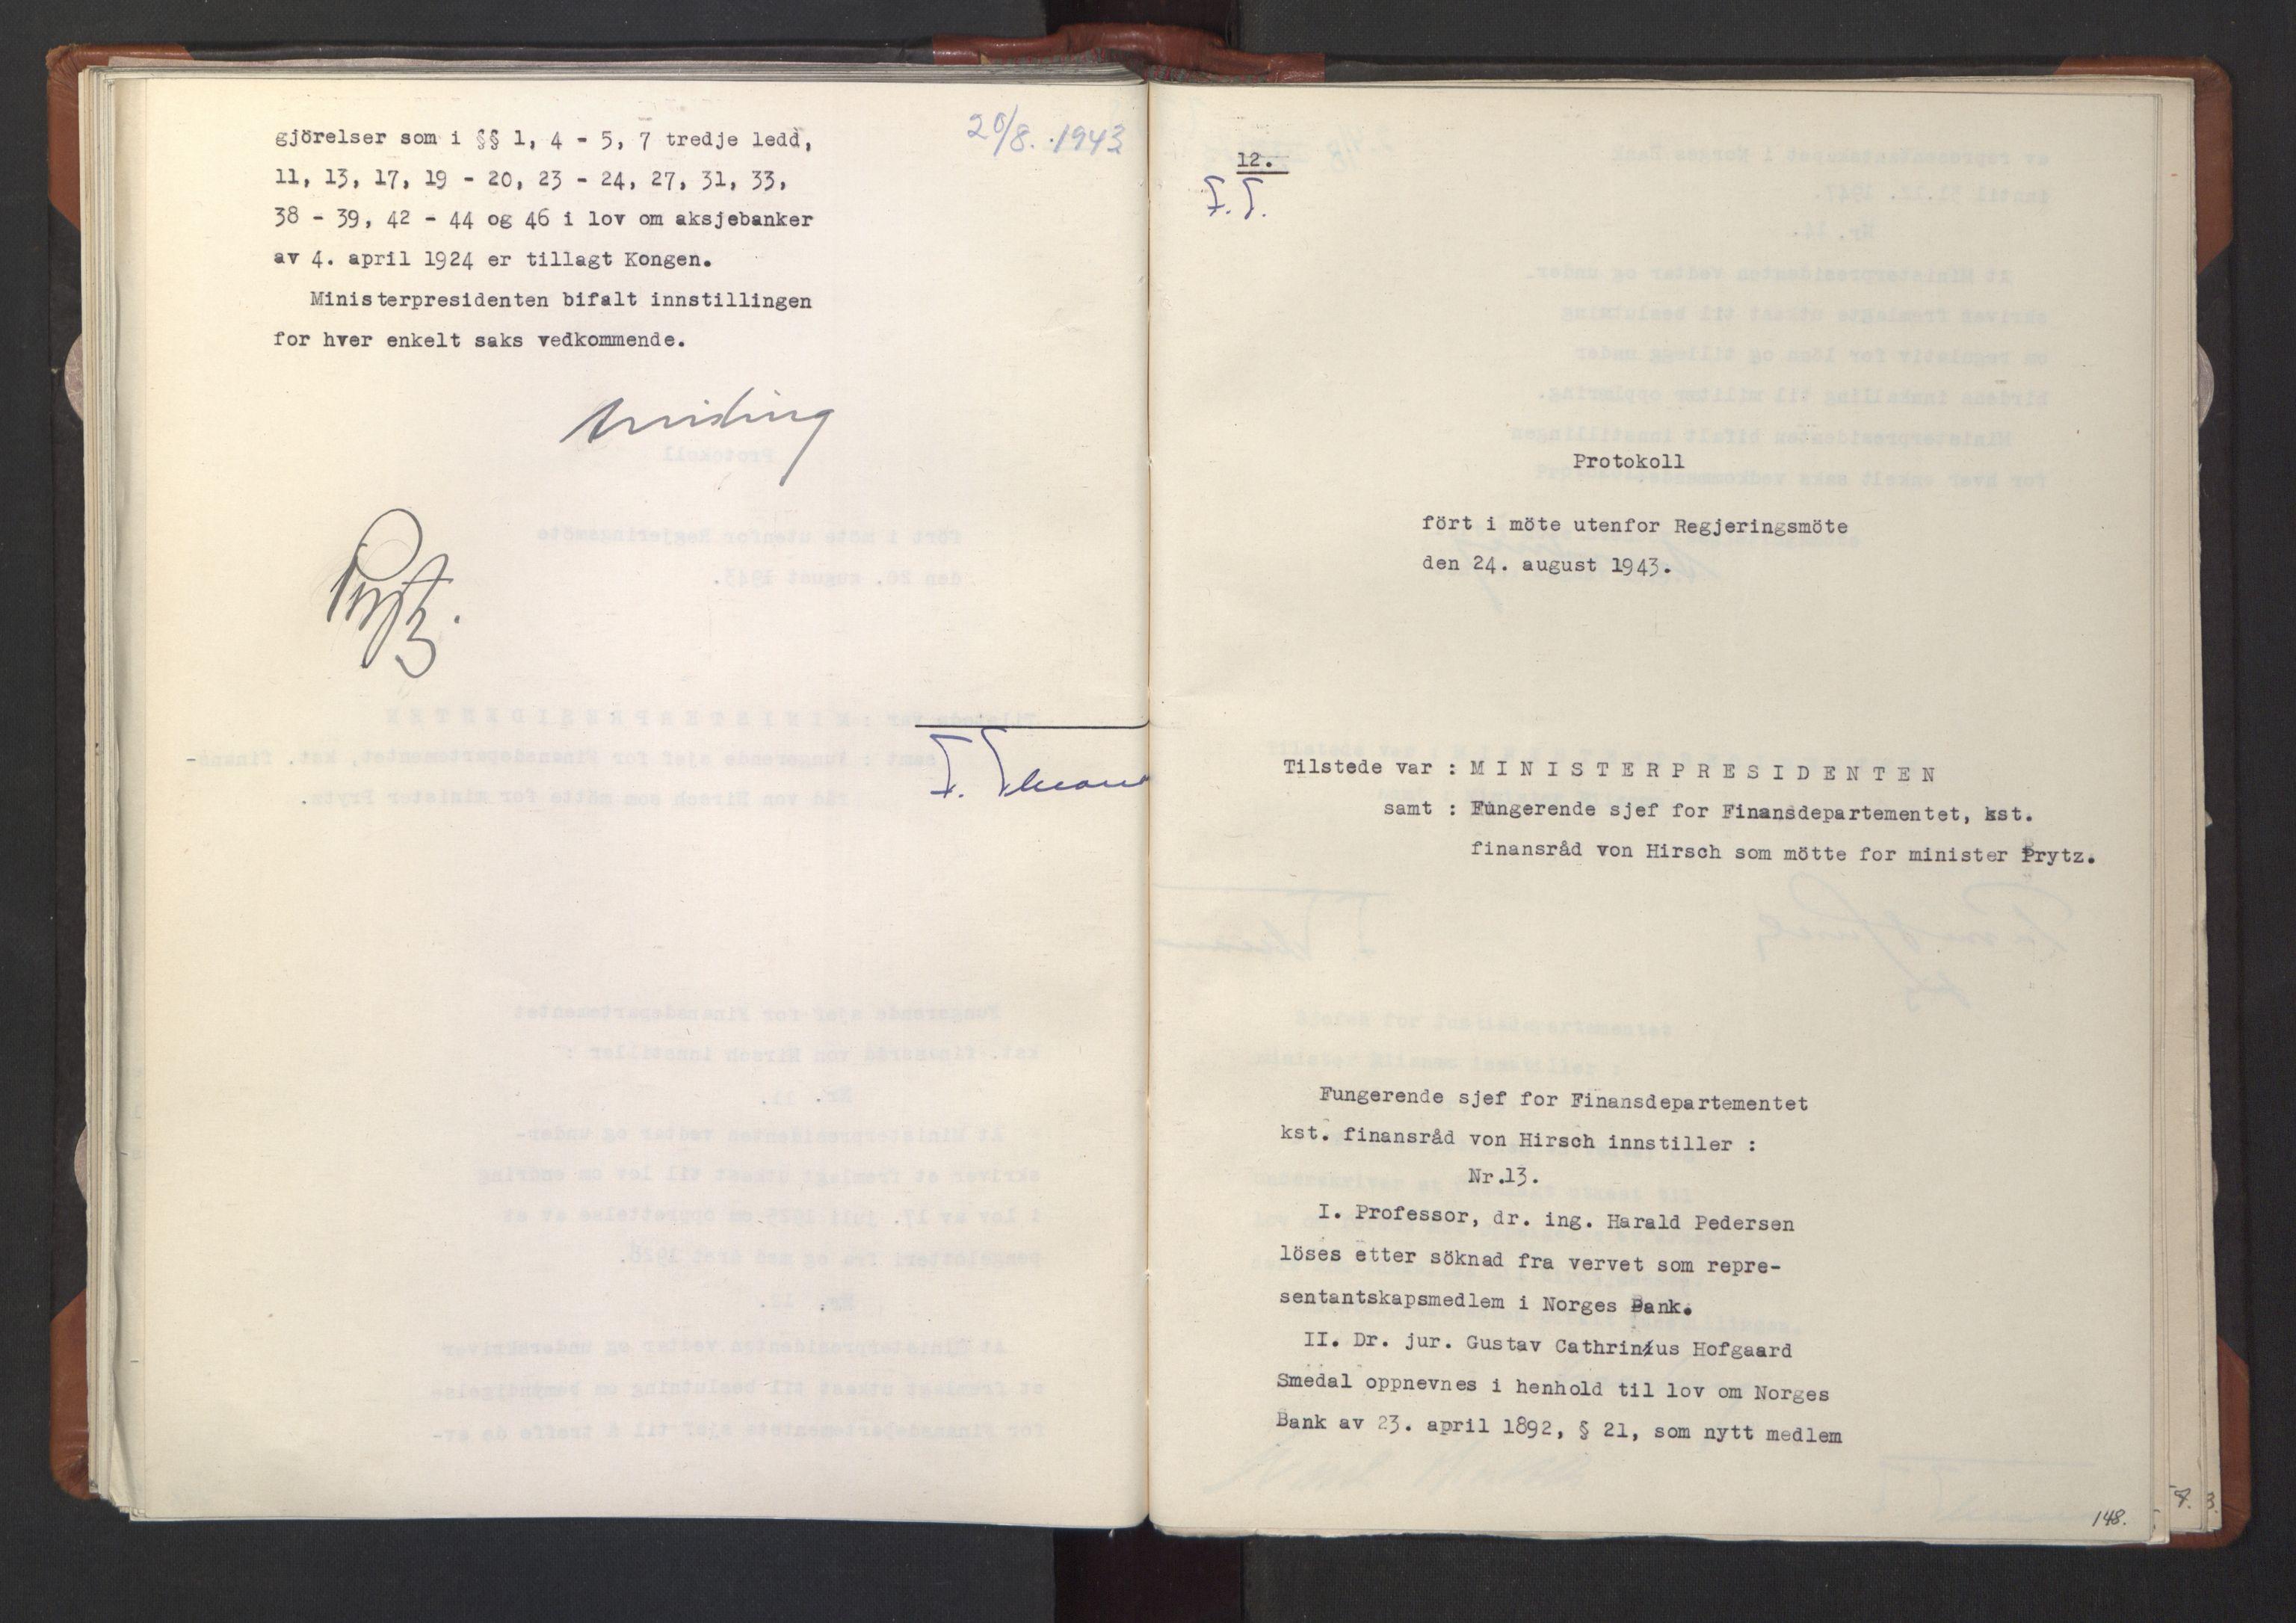 RA, NS-administrasjonen 1940-1945 (Statsrådsekretariatet, de kommisariske statsråder mm), D/Da/L0003: Vedtak (Beslutninger) nr. 1-746 og tillegg nr. 1-47 (RA. j.nr. 1394/1944, tilgangsnr. 8/1944, 1943, s. 147b-148a